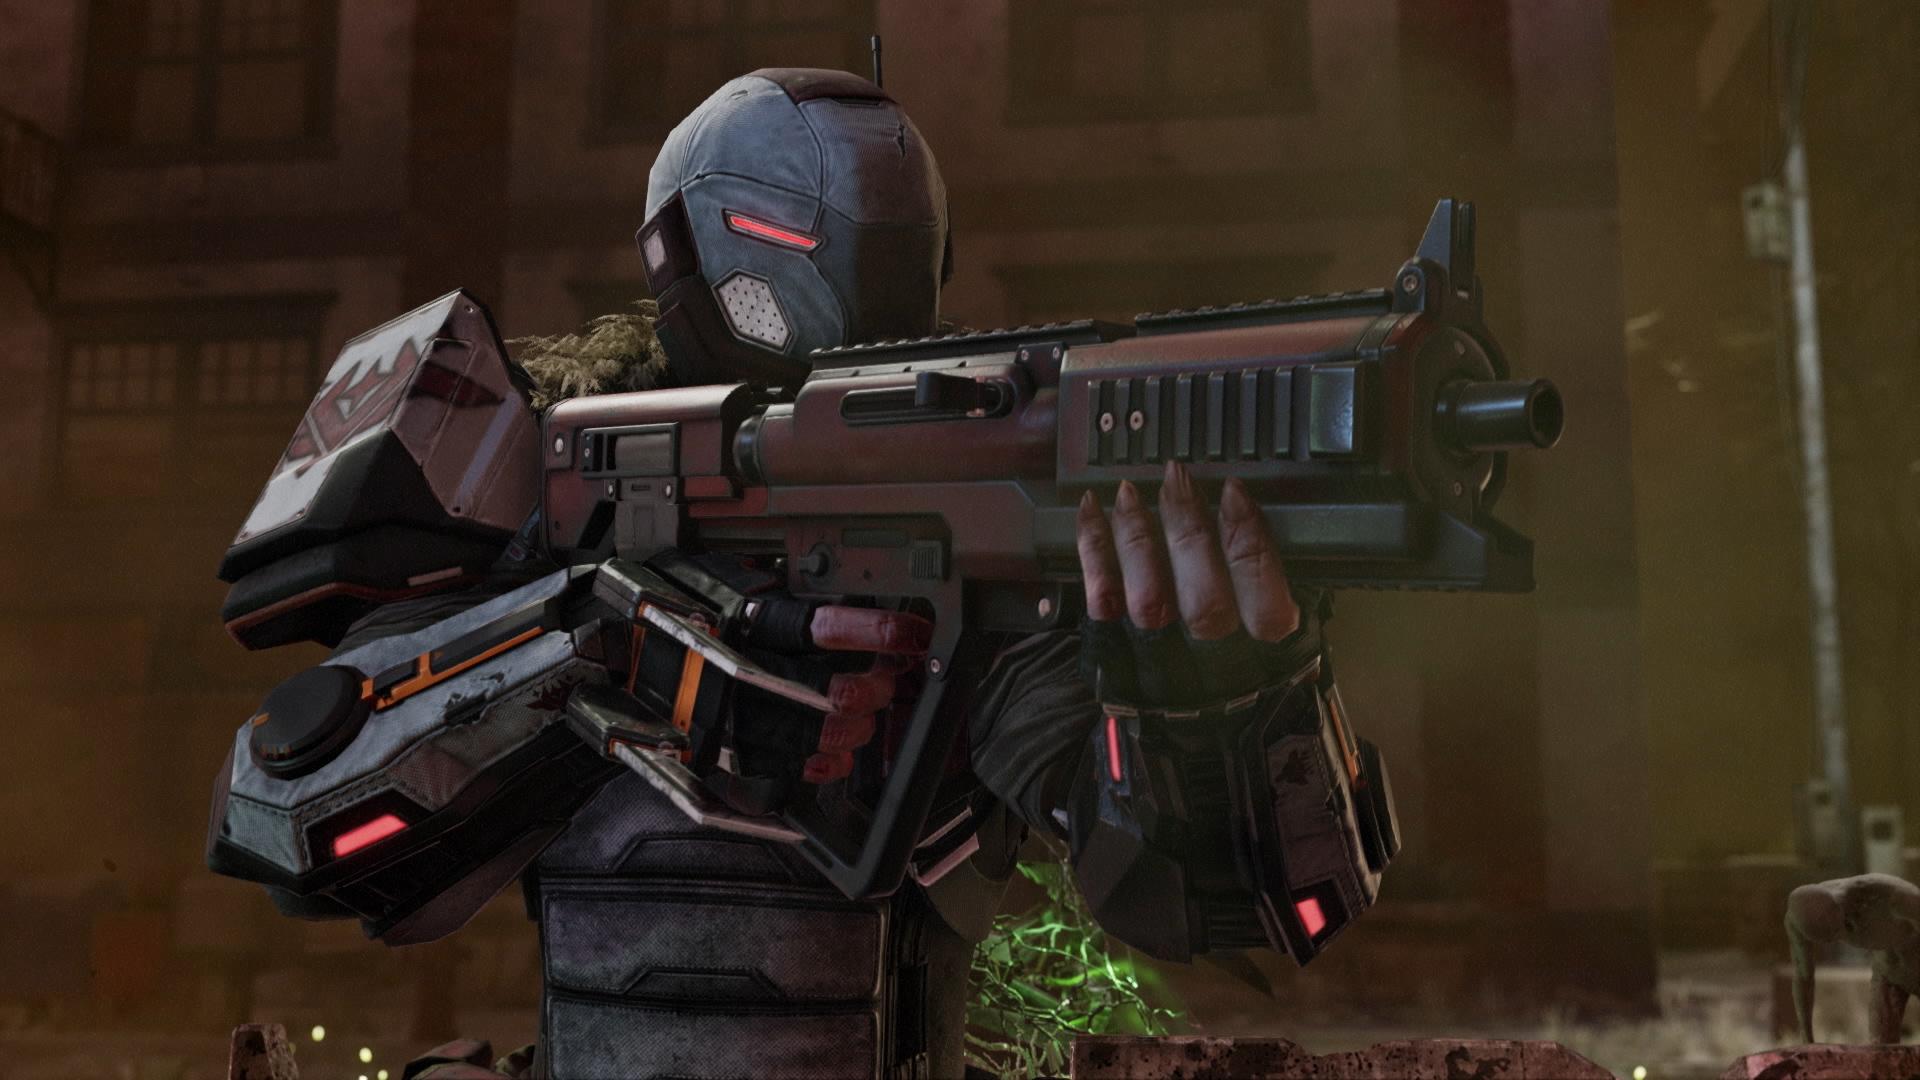 XCOM 2: War of Chosen